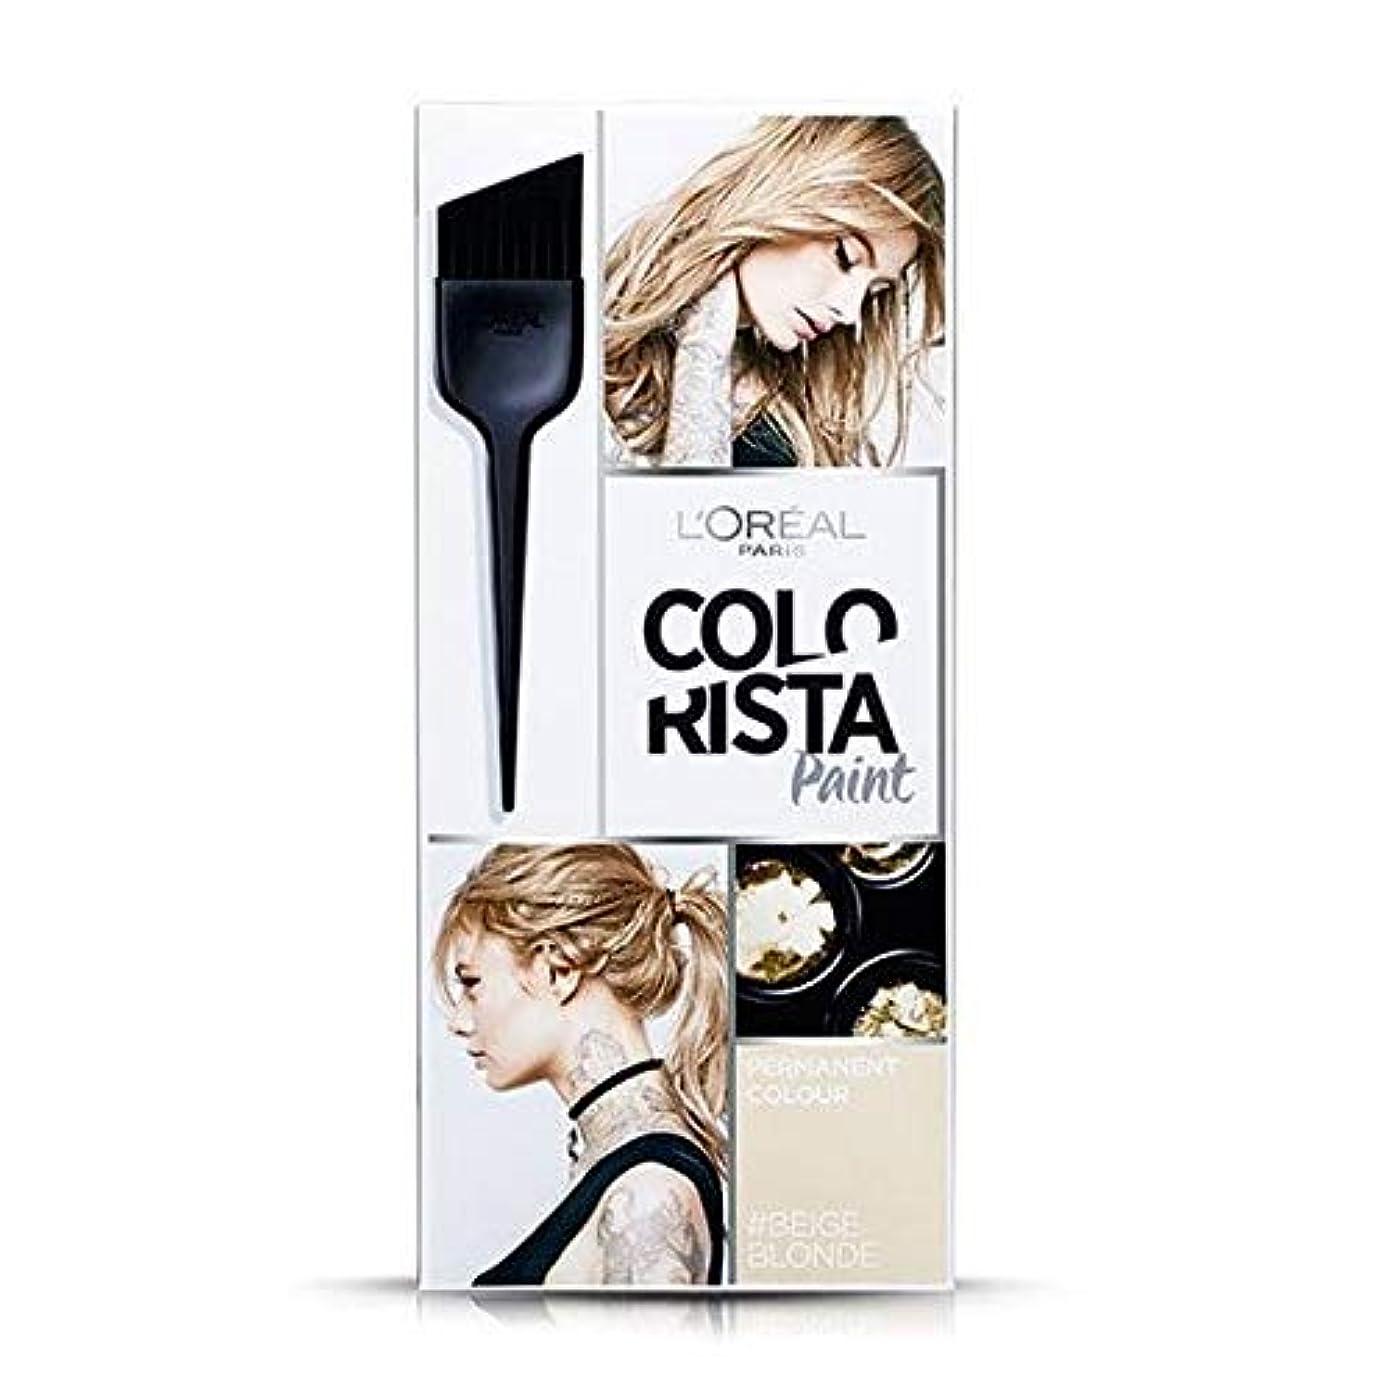 話をする蒸留する不毛[Colorista] ベージュブロンドの髪の色素をペイントColorista - Colorista Paint Beige Blonde Hair Dye [並行輸入品]